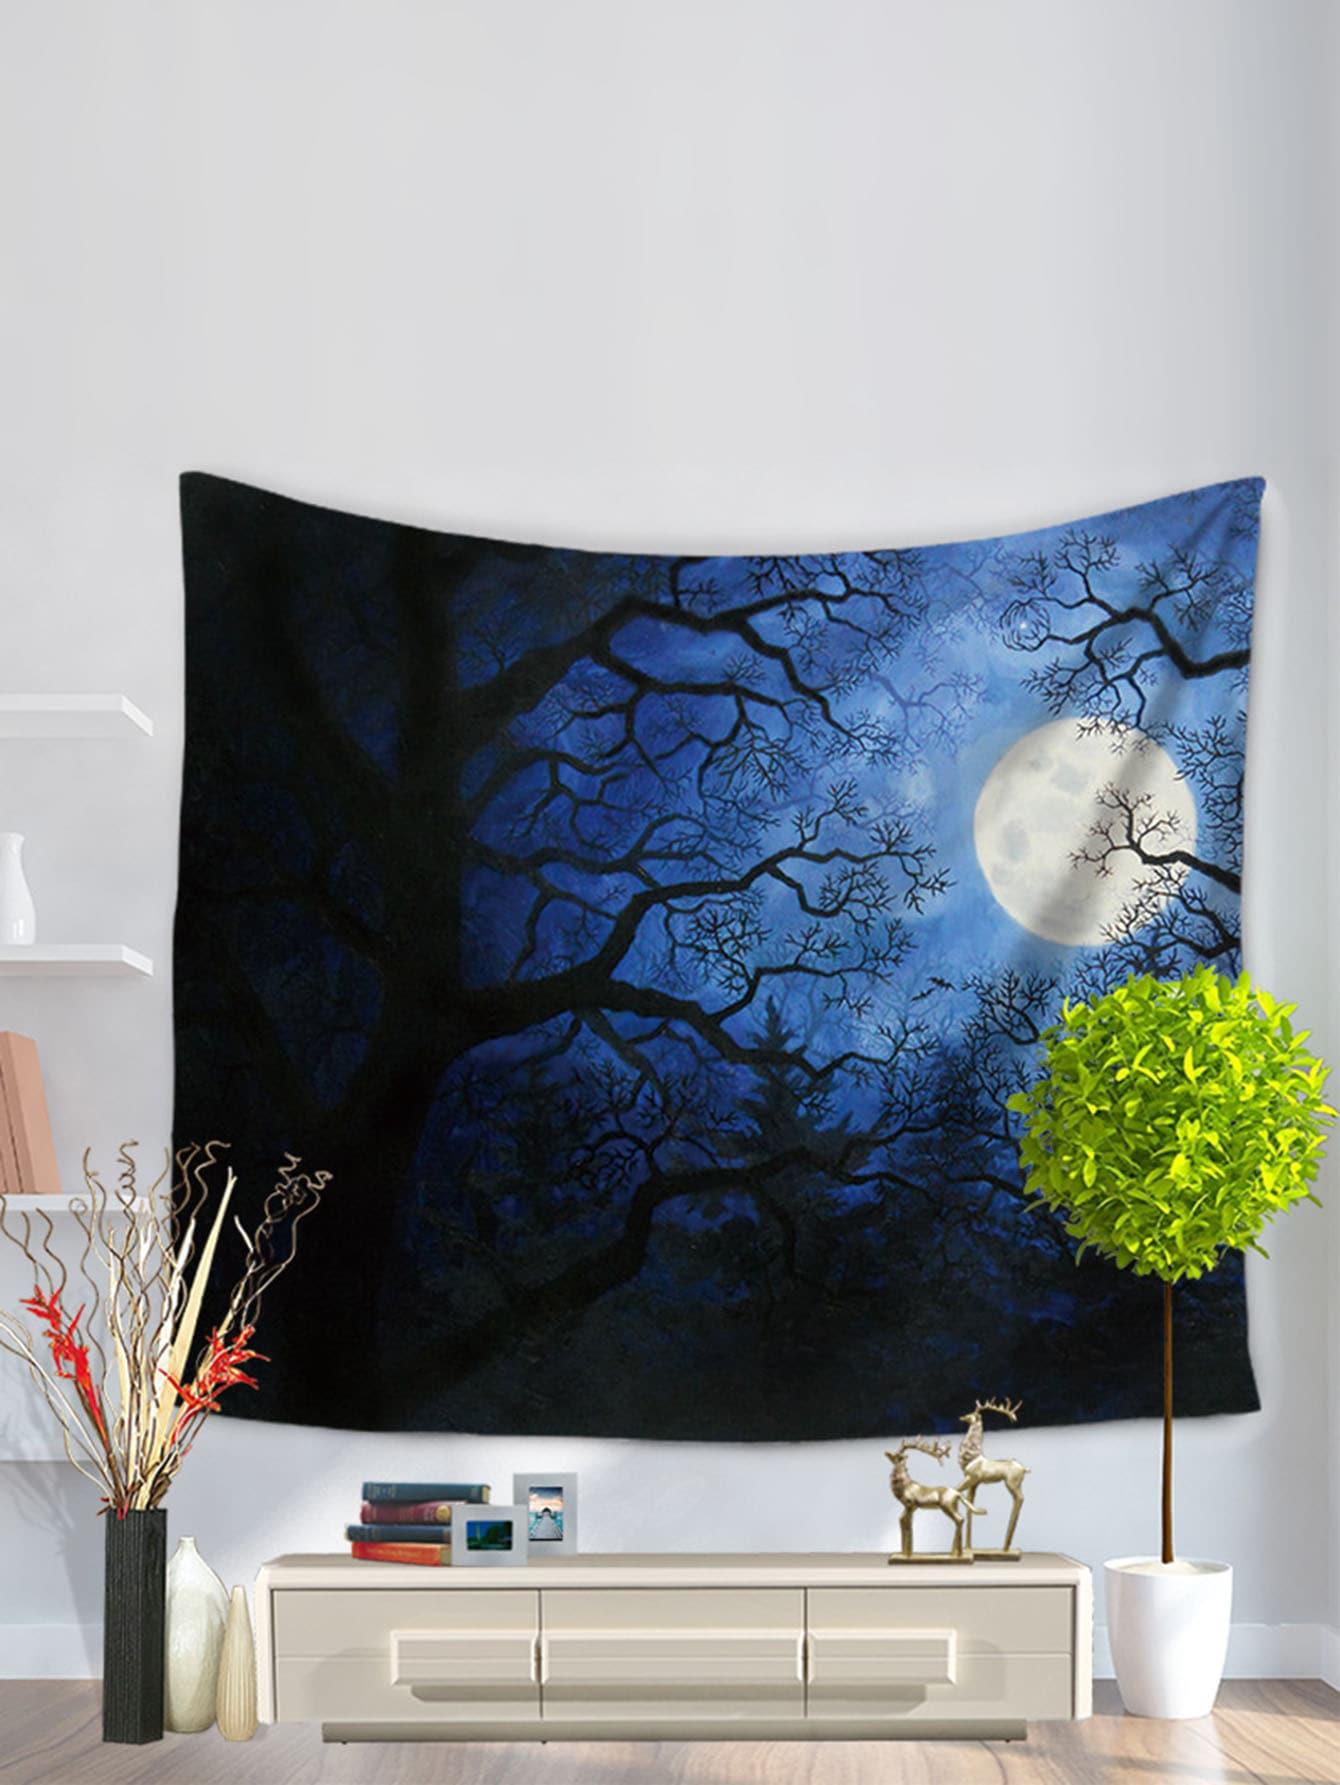 Купить Настенныйковерс рисунком сучьяев и луны, null, SheIn